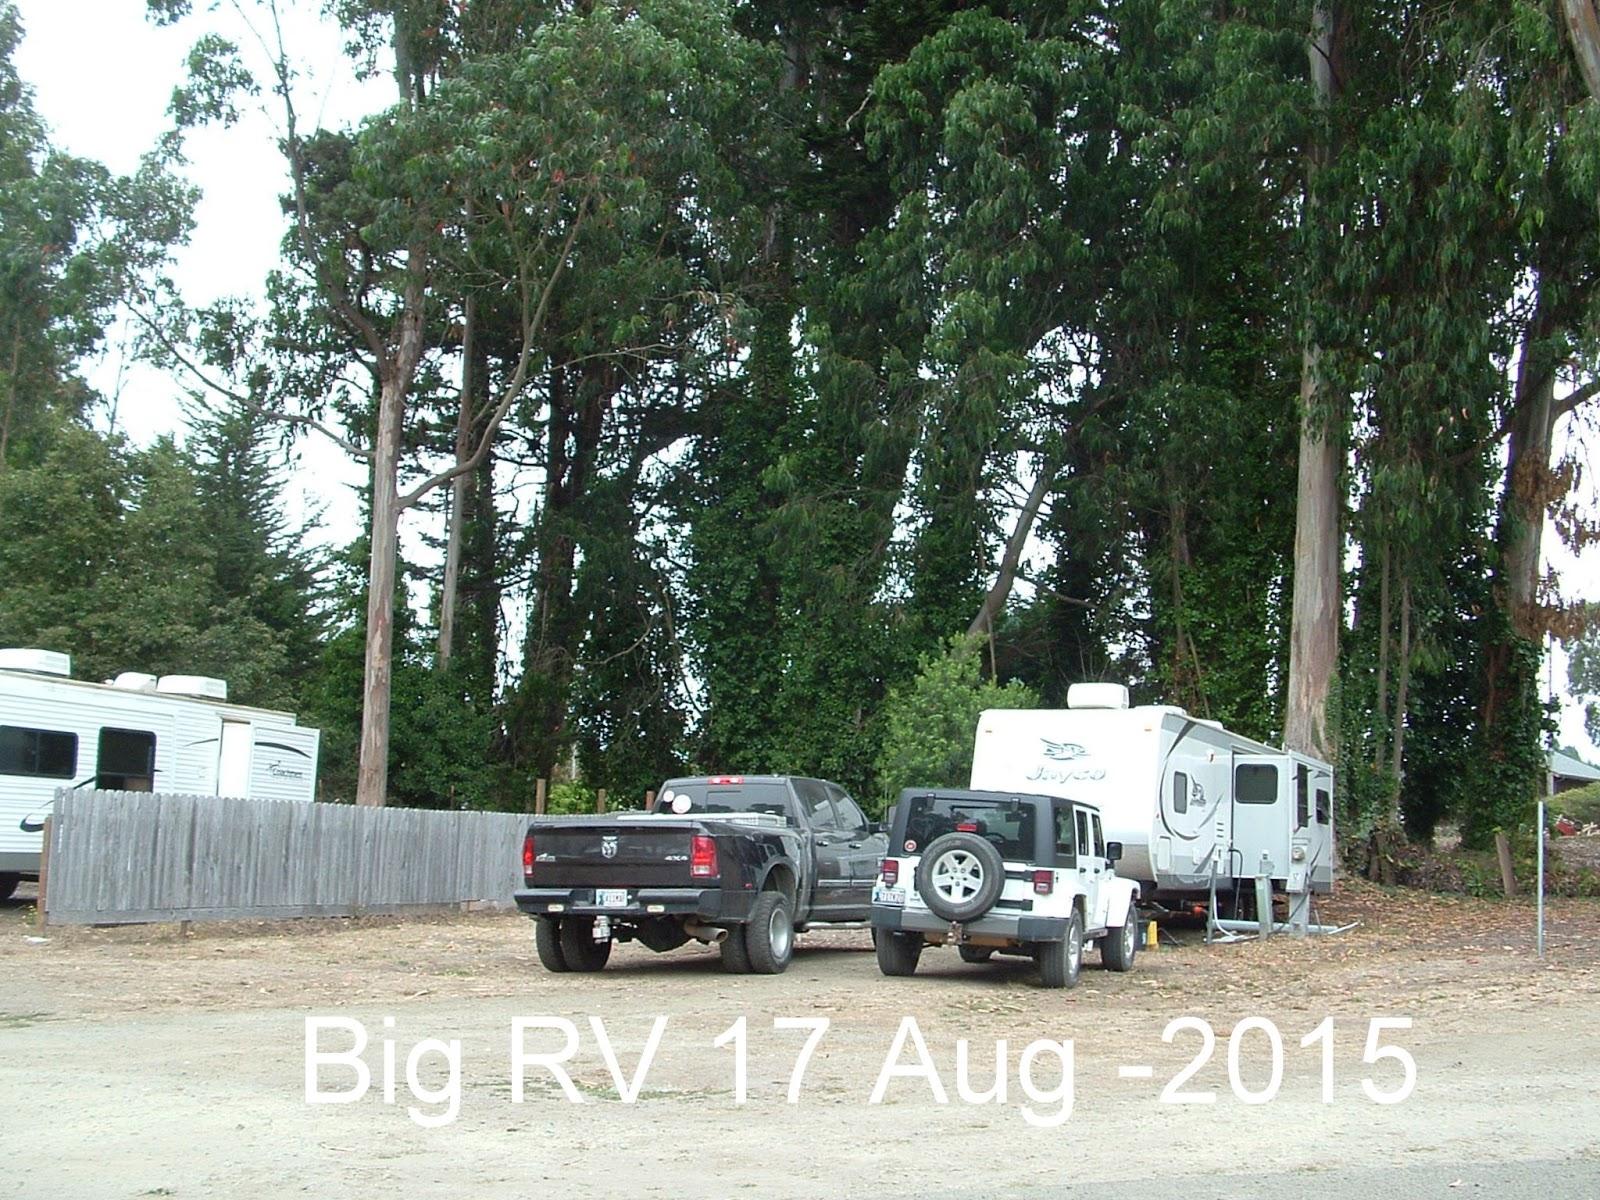 Hidden Pines Rv Park Campground Fort Bragg California Hidden Pines Rv Park Fort Bragg